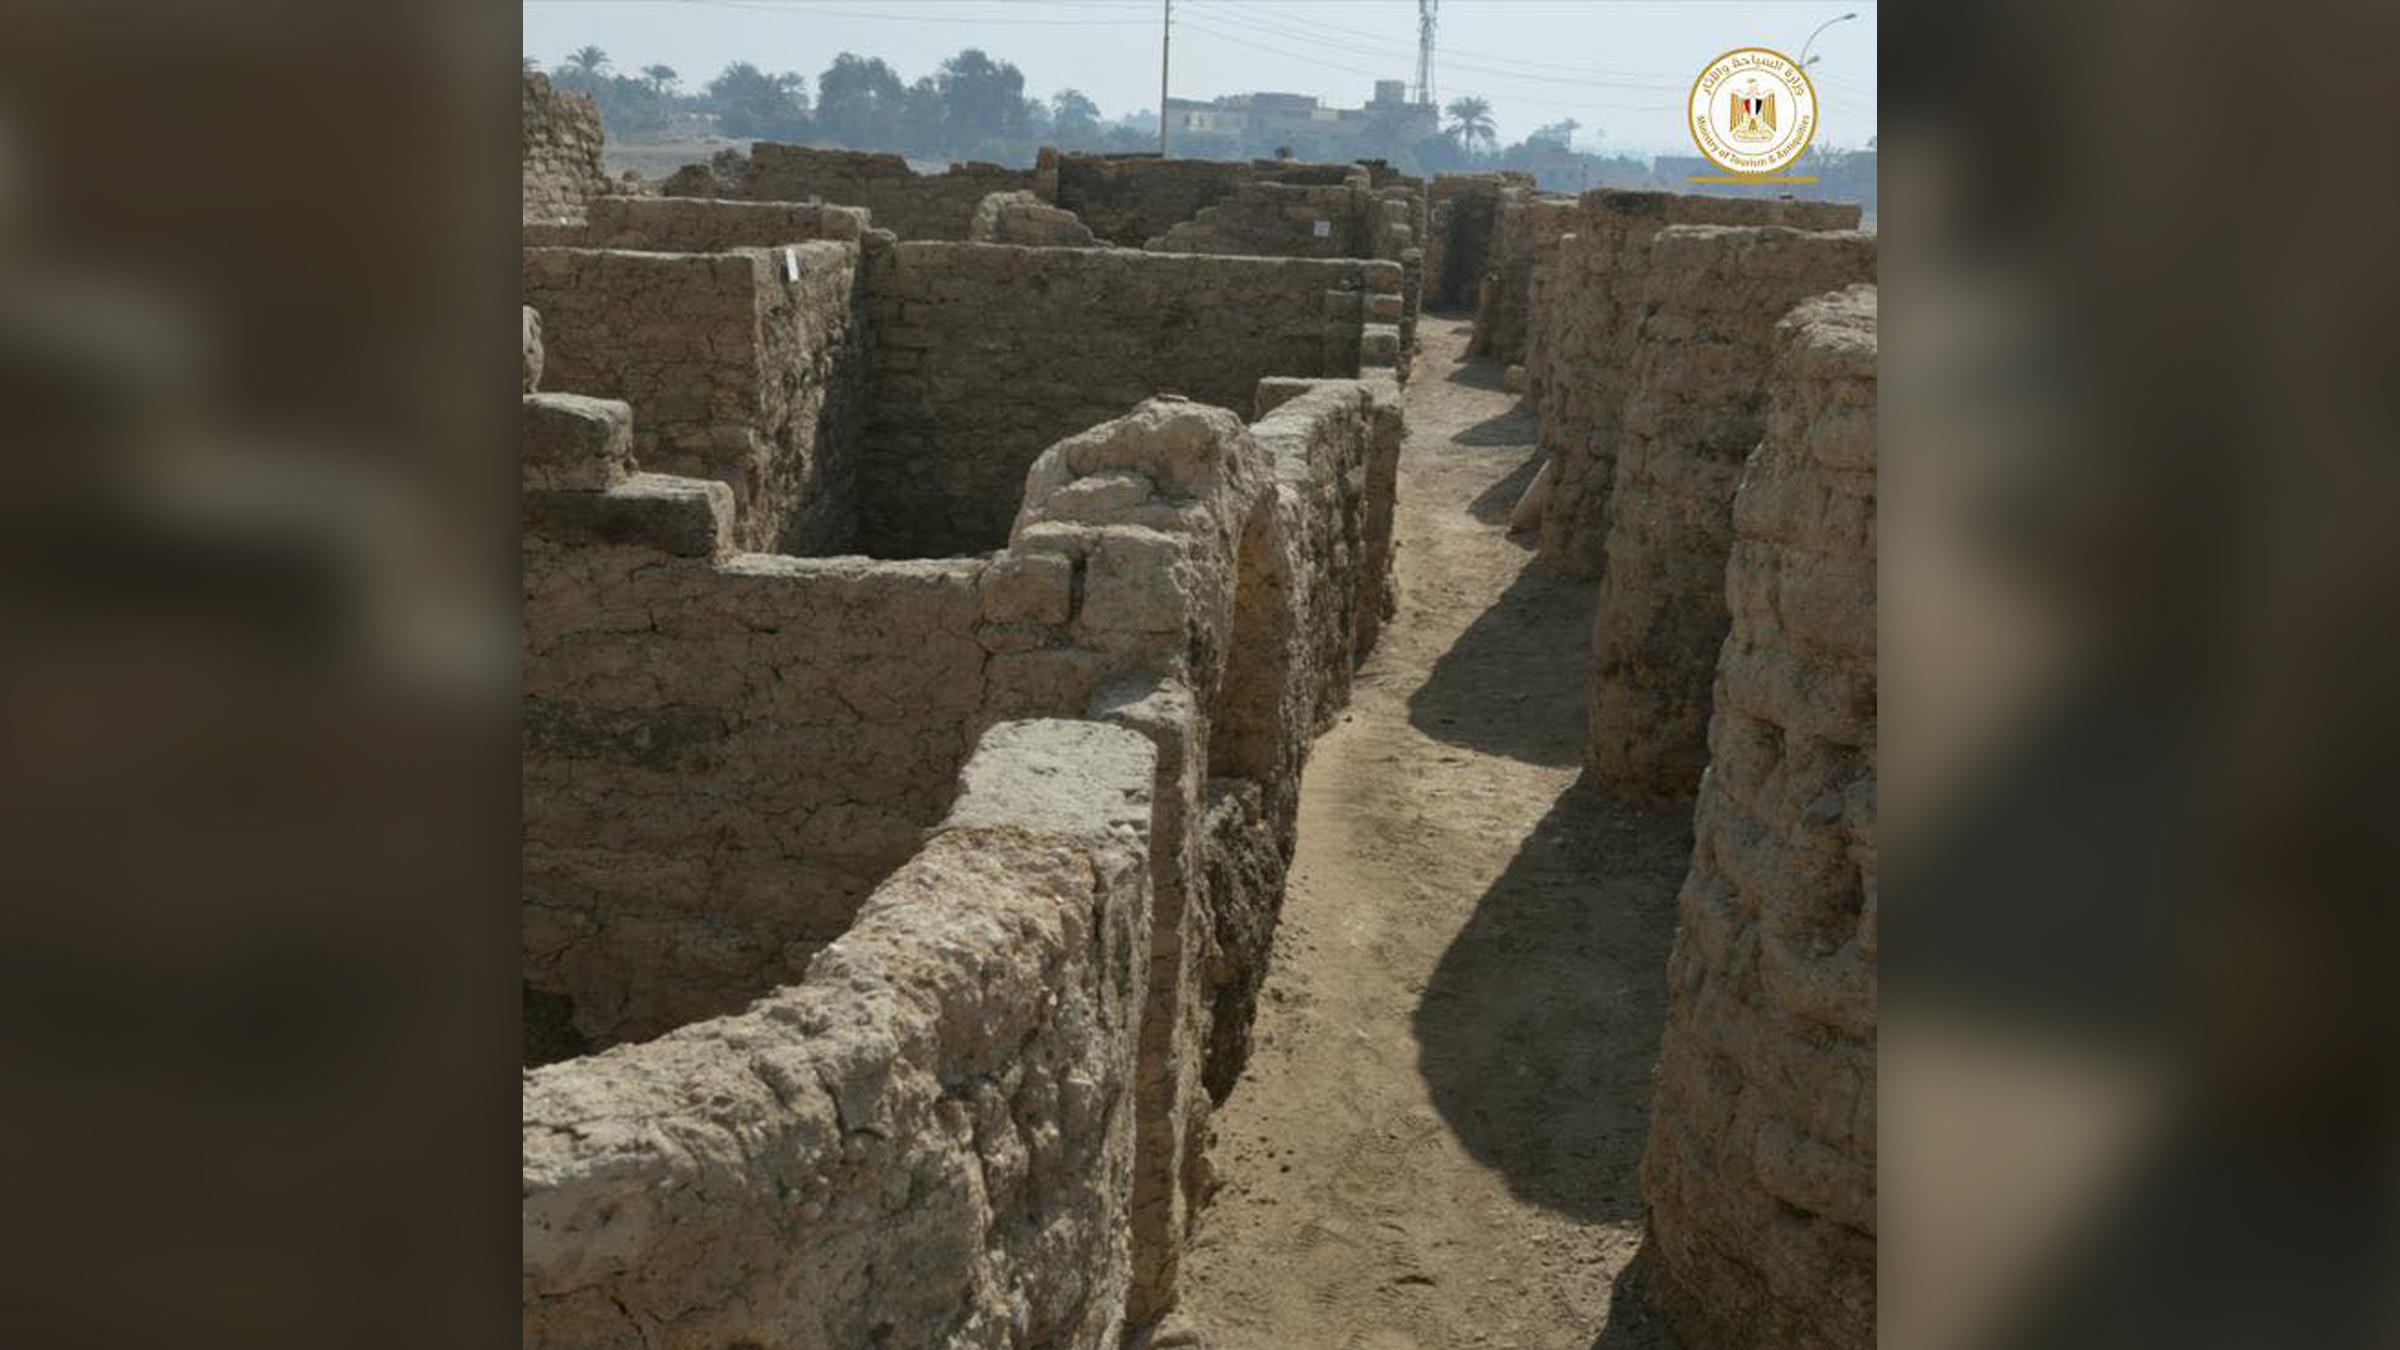 De nombreuses habitations et bâtiments anciens avaient encore des murs intacts.